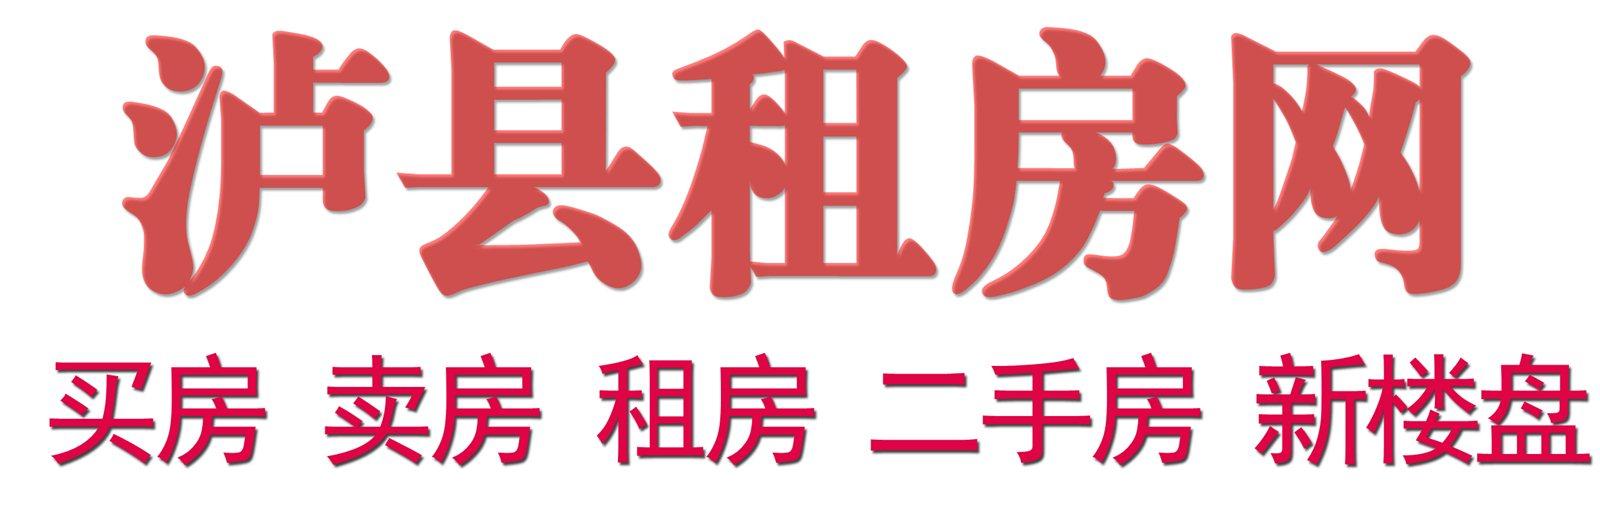 泸县租房网